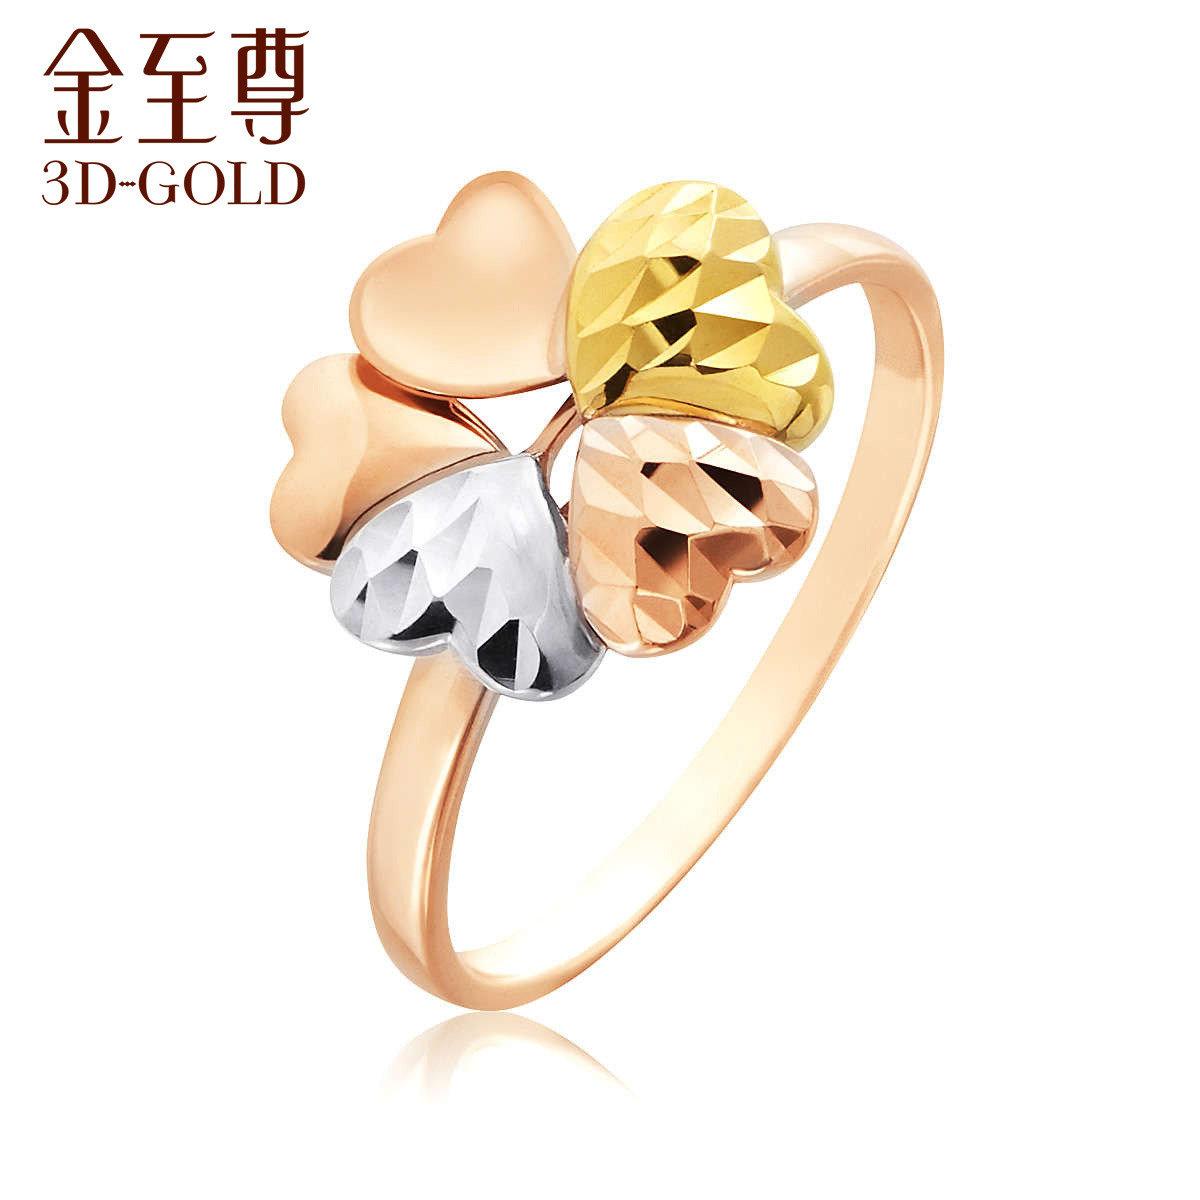 18K/750金(多色)戒指